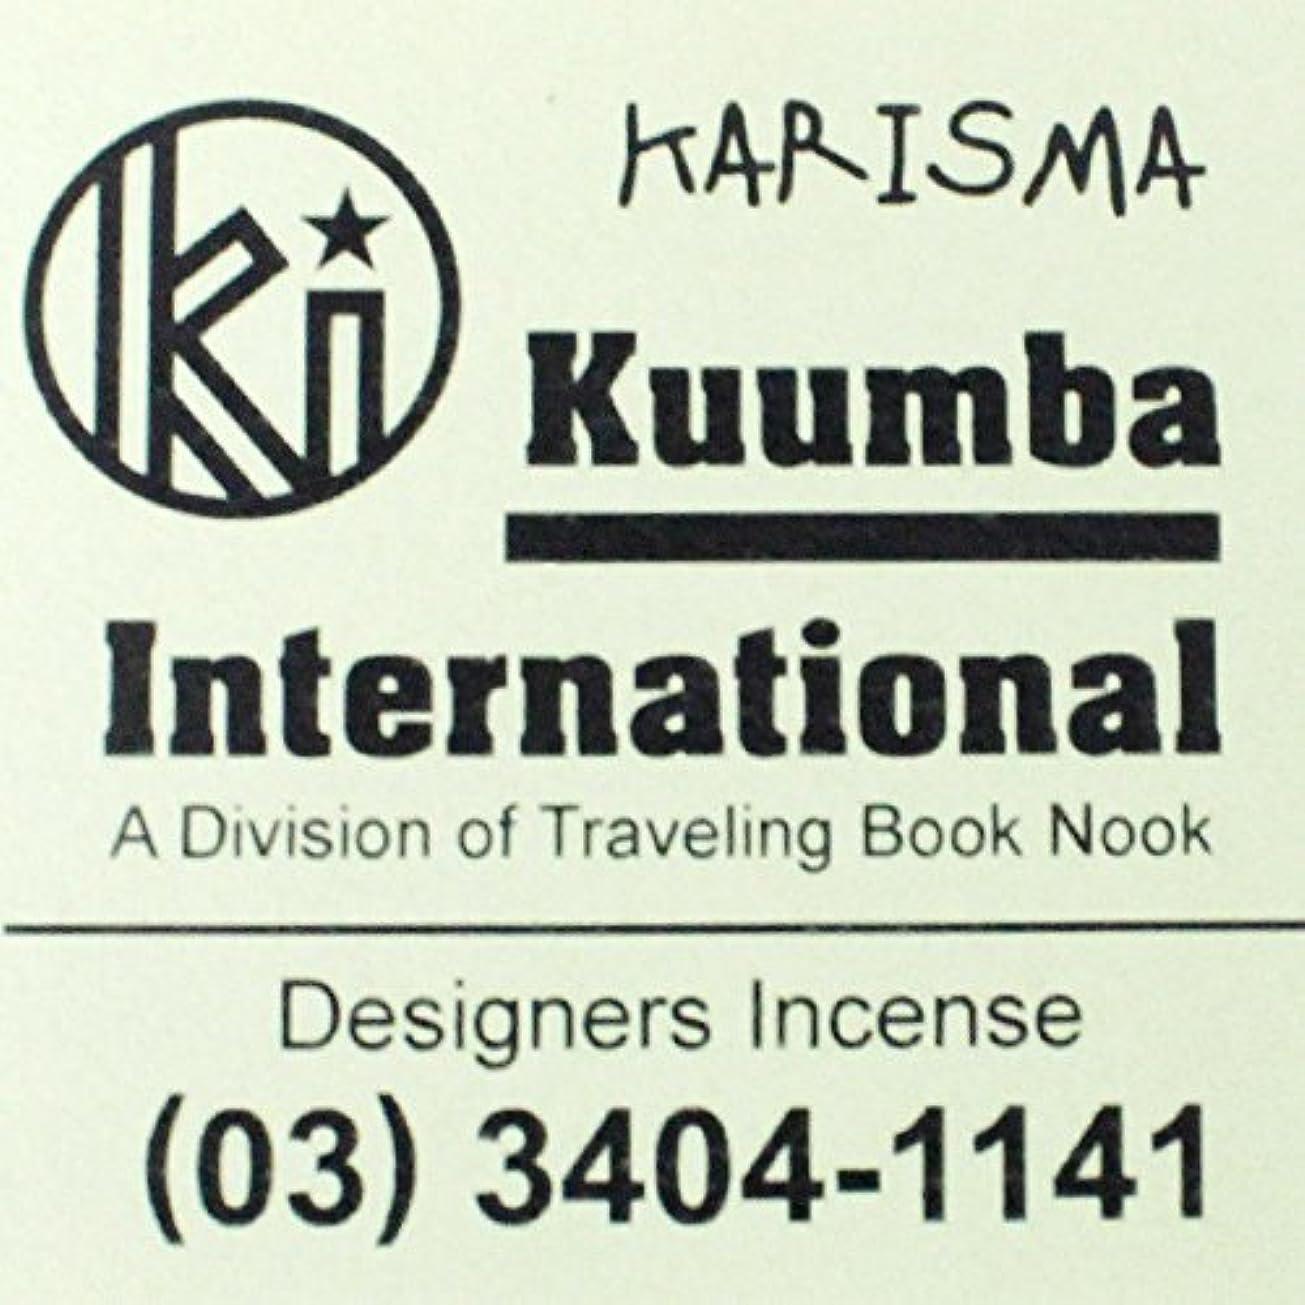 夜の動物園負荷ガス(クンバ) KUUMBA『incense』(KARISMA) (Regular size)